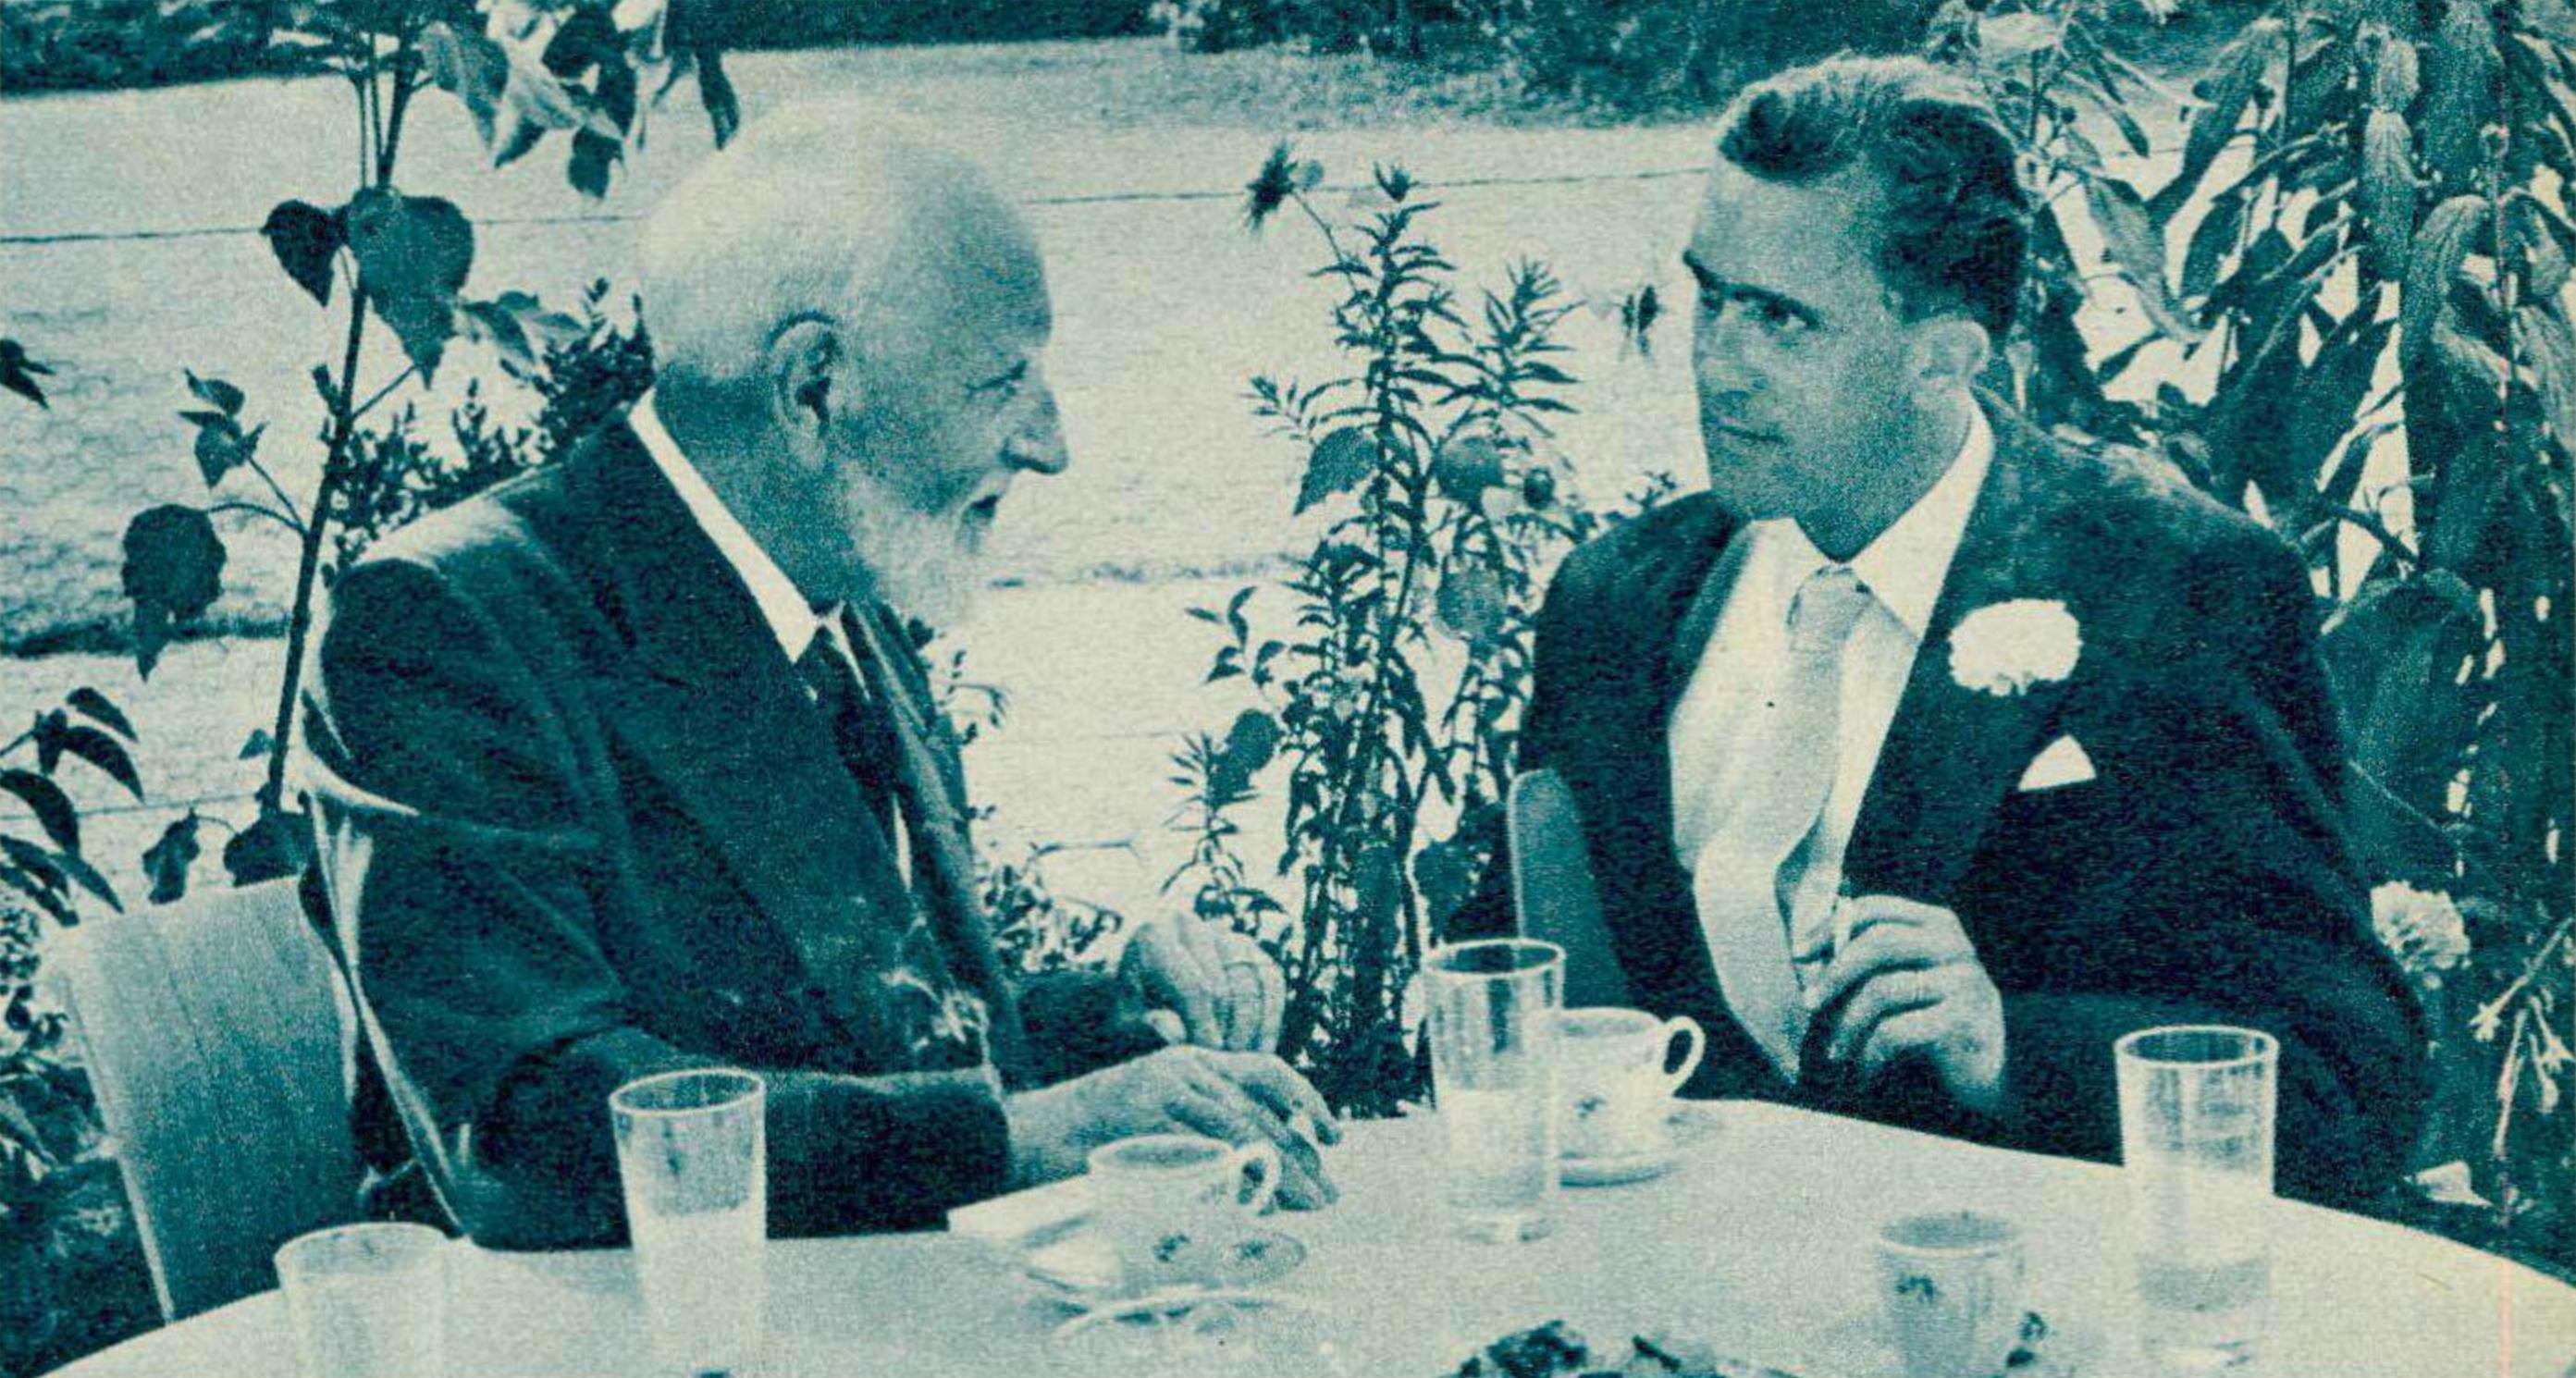 Ernest ANSERMET et Christian VÖCHTING en 1962, lors de son mariage avec Adrienne, l'une des filles de Frank MARTIN, une photo publiée entre autres dans la revue Radio TV Je vous tout du 9 août 1962, No 32, page 11